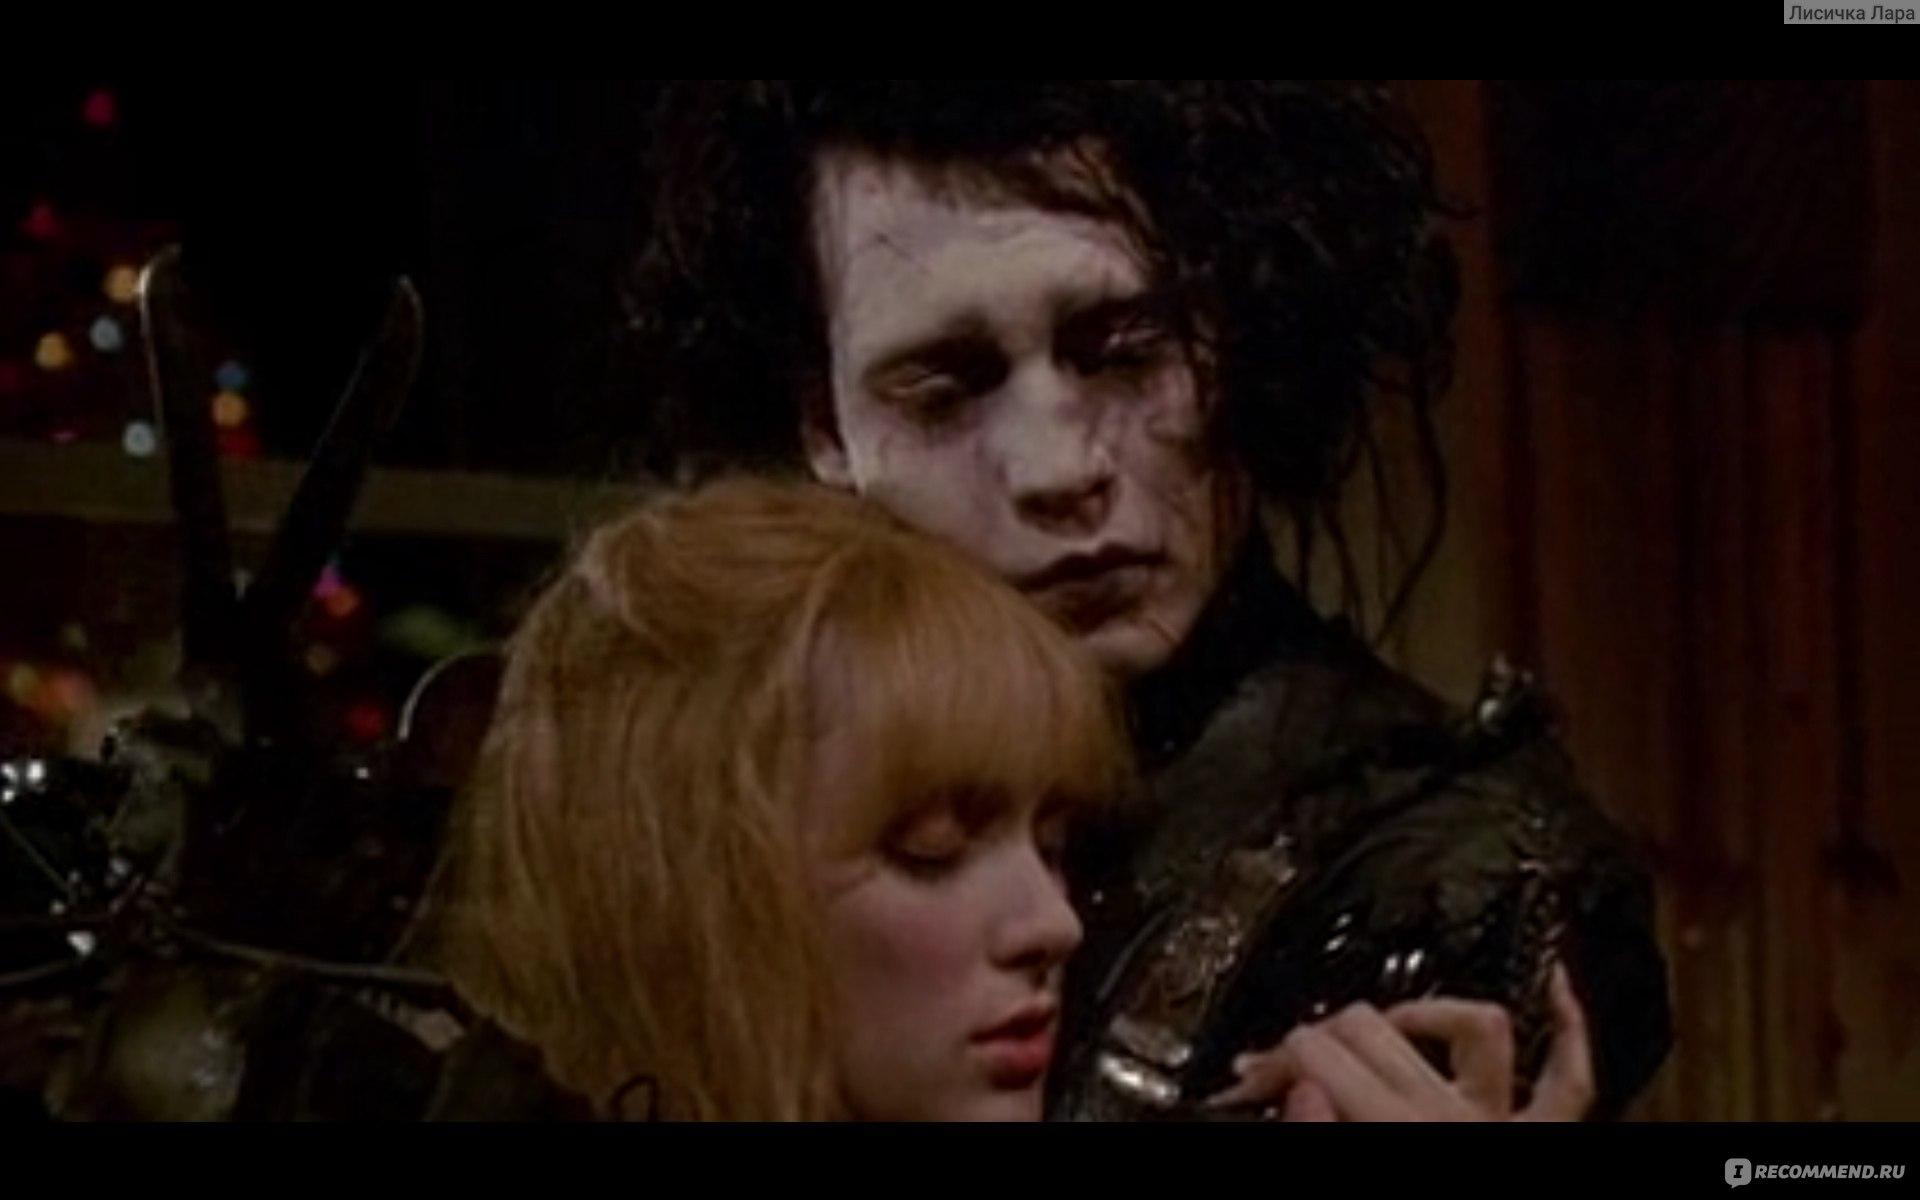 """Эдвард руки-ножницы / Edward Scissorhands (1990, фильм) - «""""Но с обычными руками Вы будете, как все!"""" Добрая грустная сказка об отношении к """"особенным"""" людям. »   отзывы"""